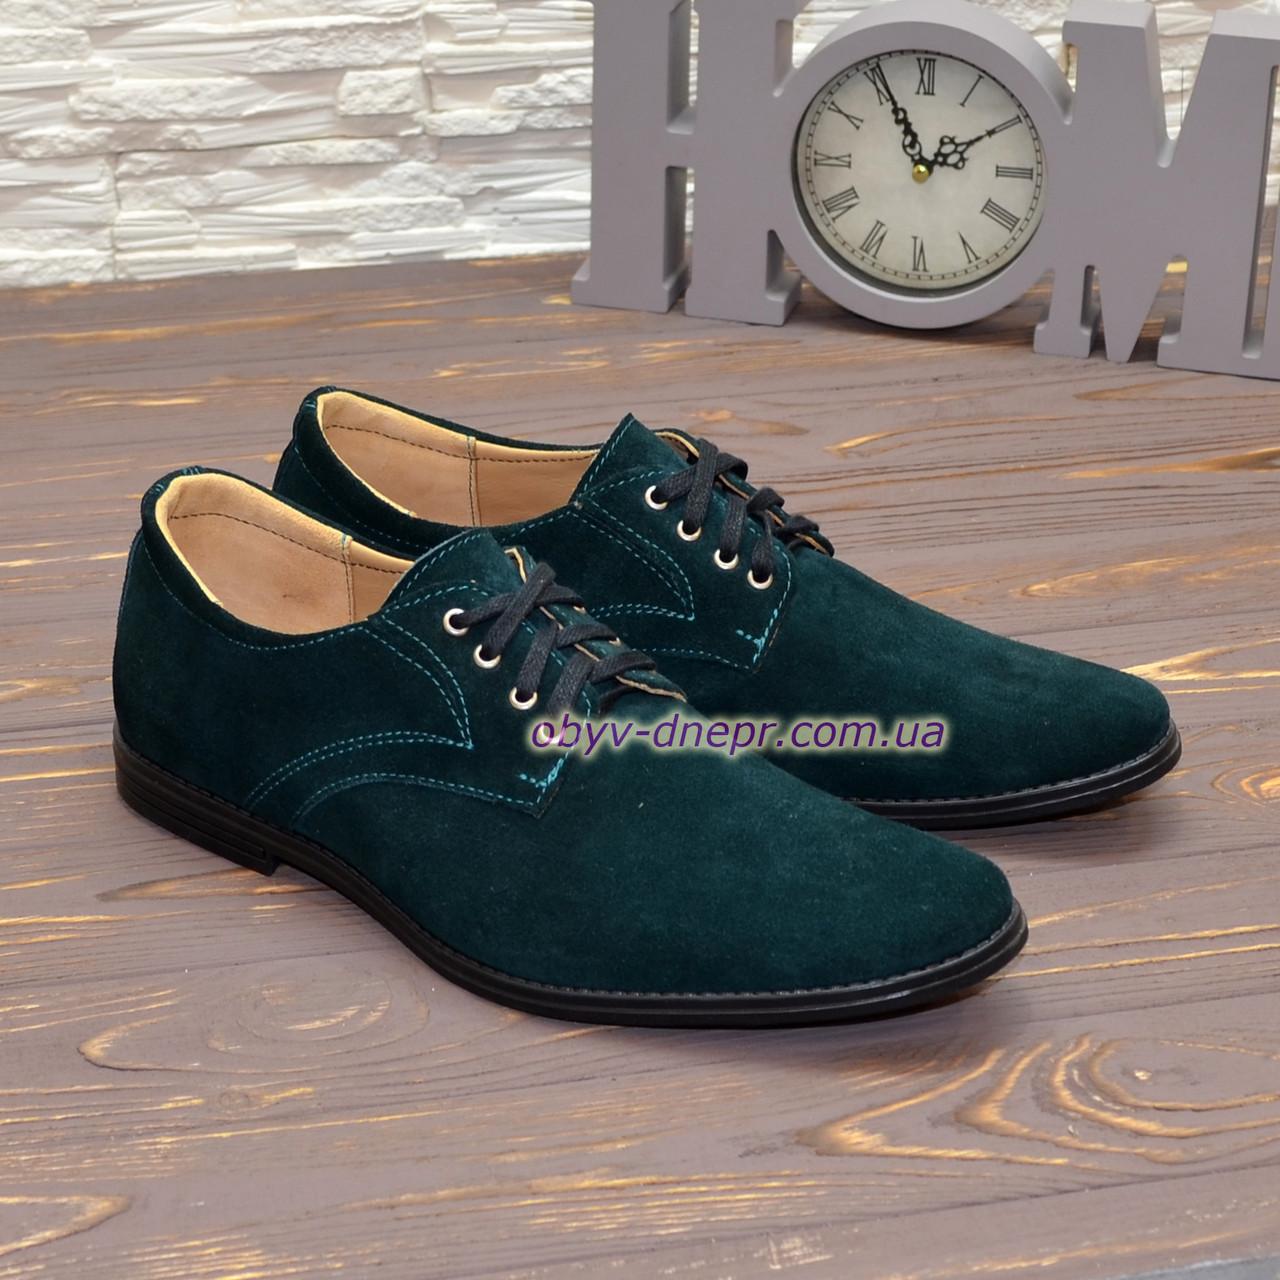 Мужские замшевые туфли на шнуровке, цвет зелёный